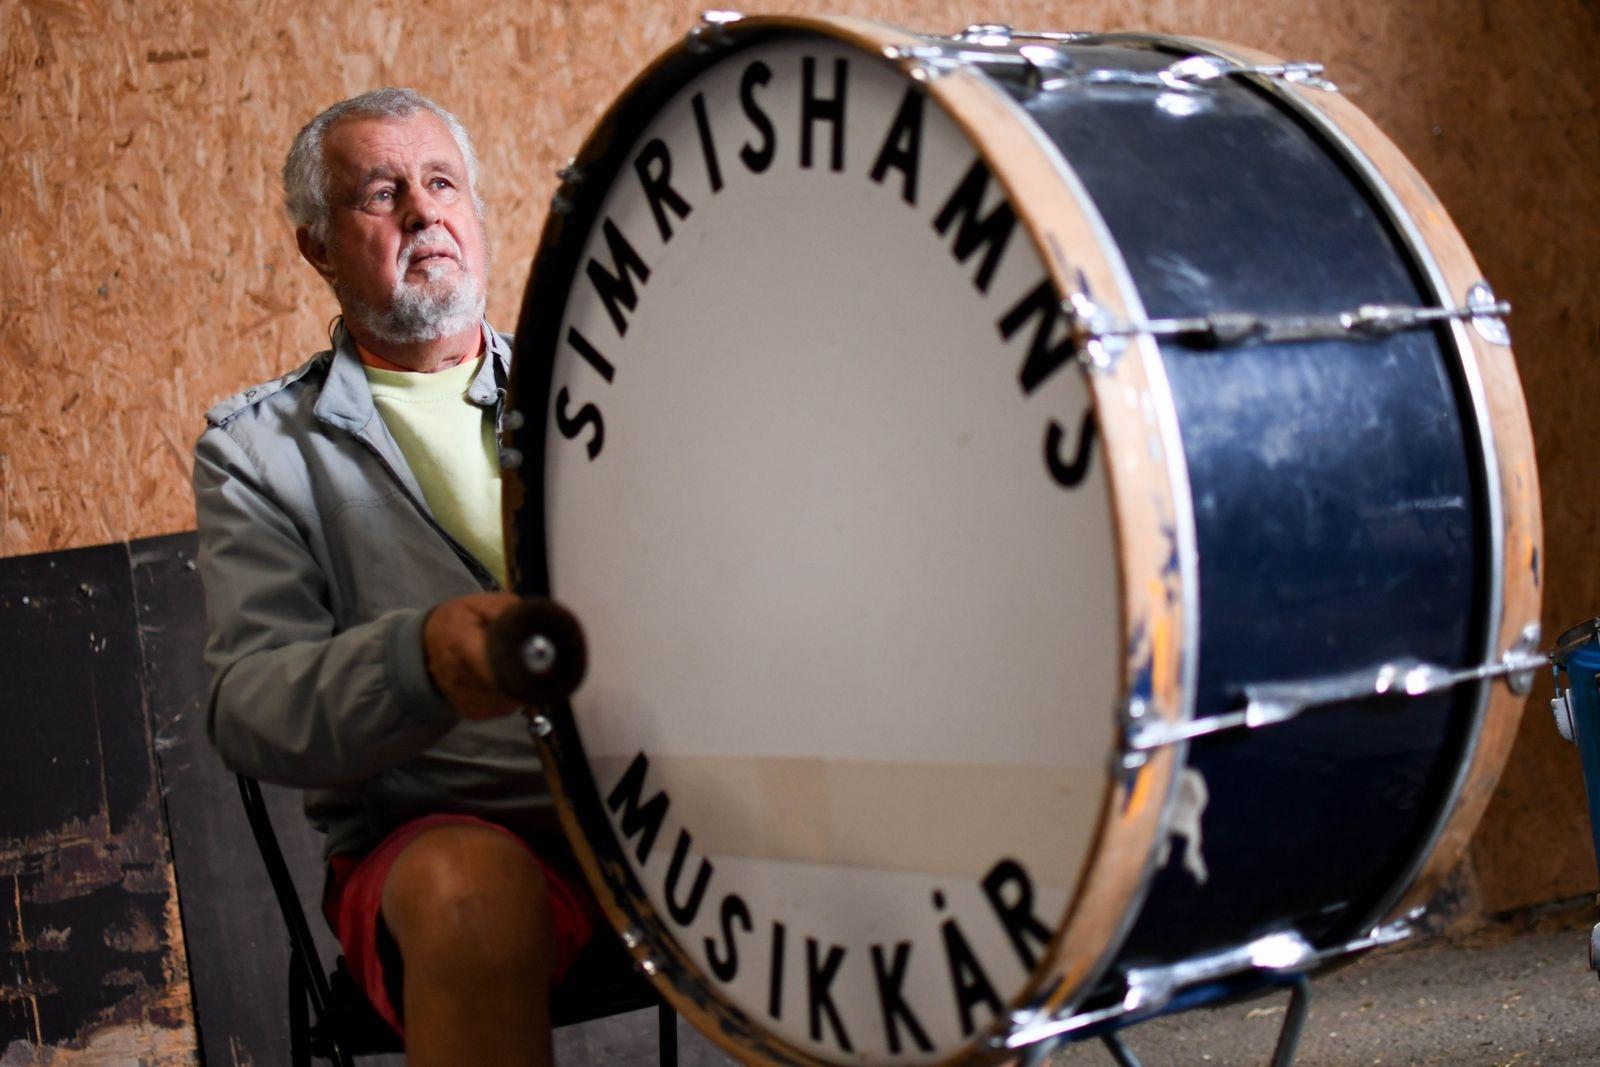 Simrishamns musikkår firade 40-årsjubileum 2018. Tomas Larsson är en av musikkårens trogna medlemmar.